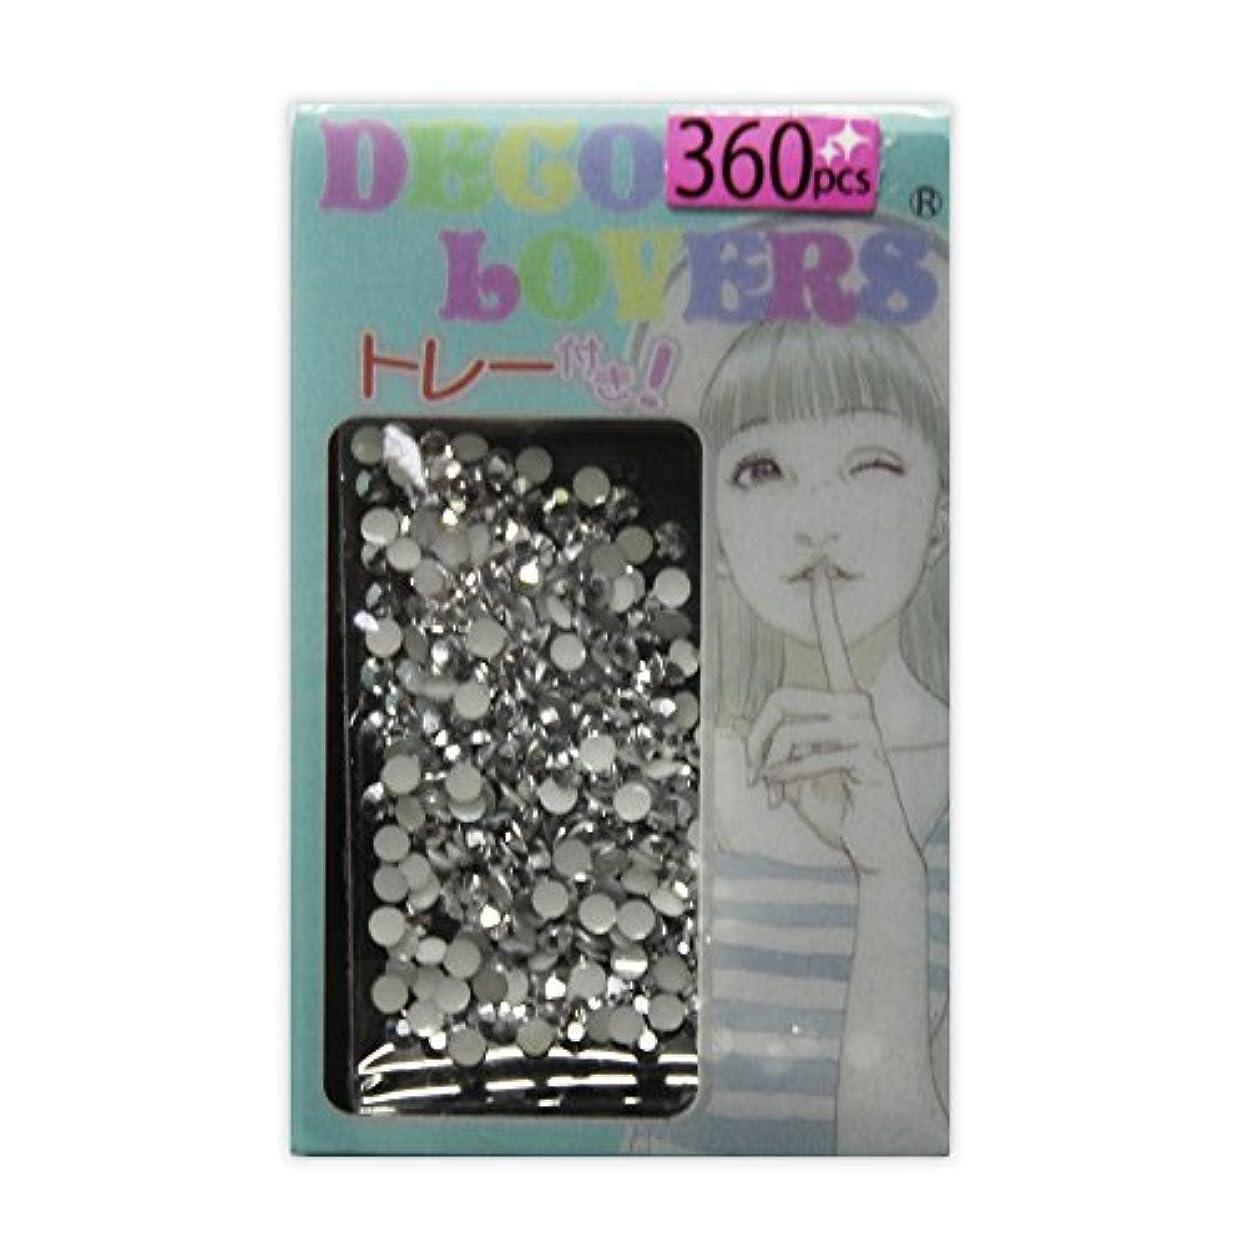 過剰プロフェッショナルイサカラインストーン DL027/acryl2mm silver